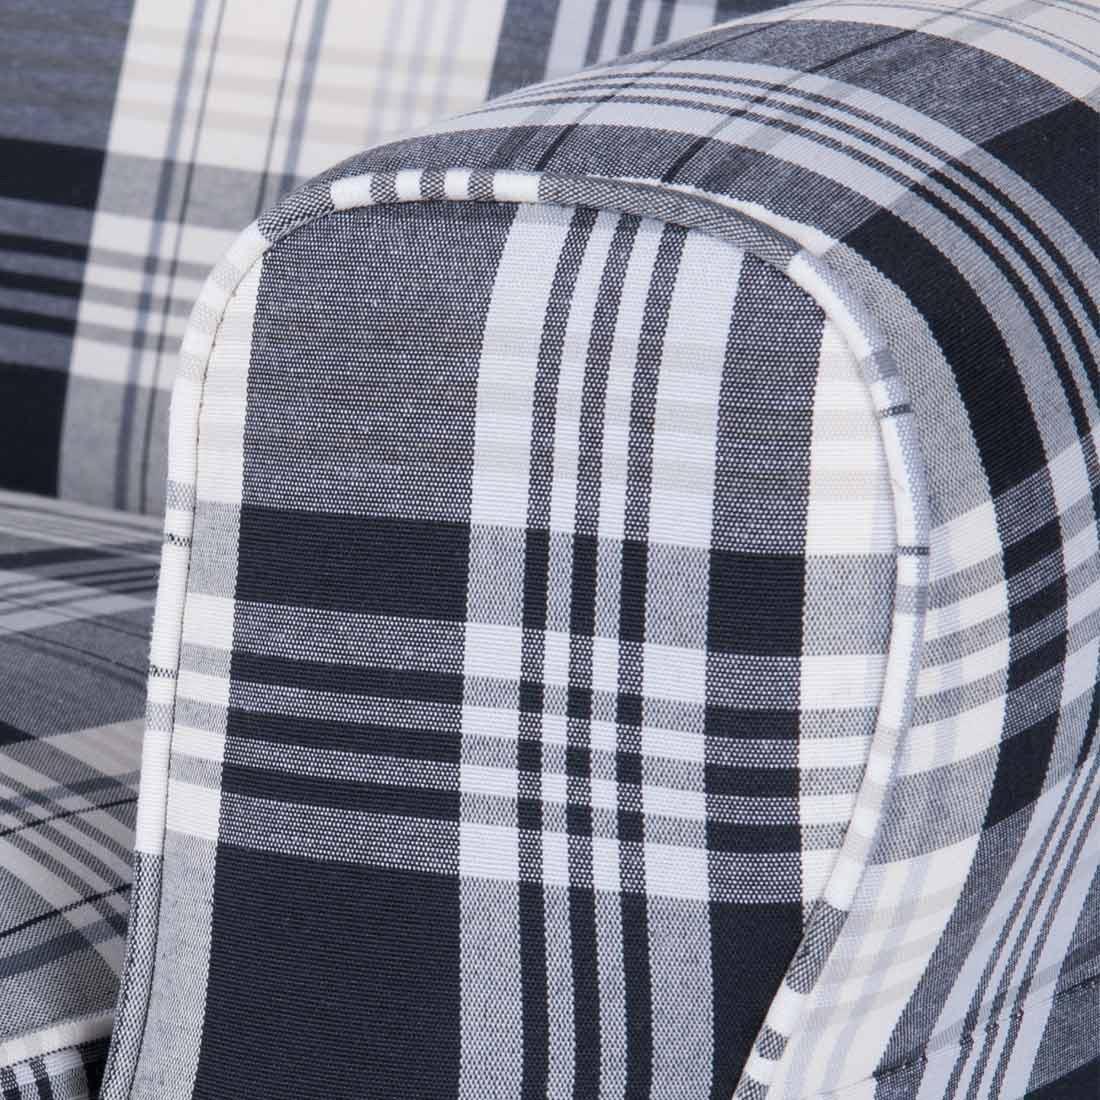 ohrensessel wei inspiration ber haus design. Black Bedroom Furniture Sets. Home Design Ideas